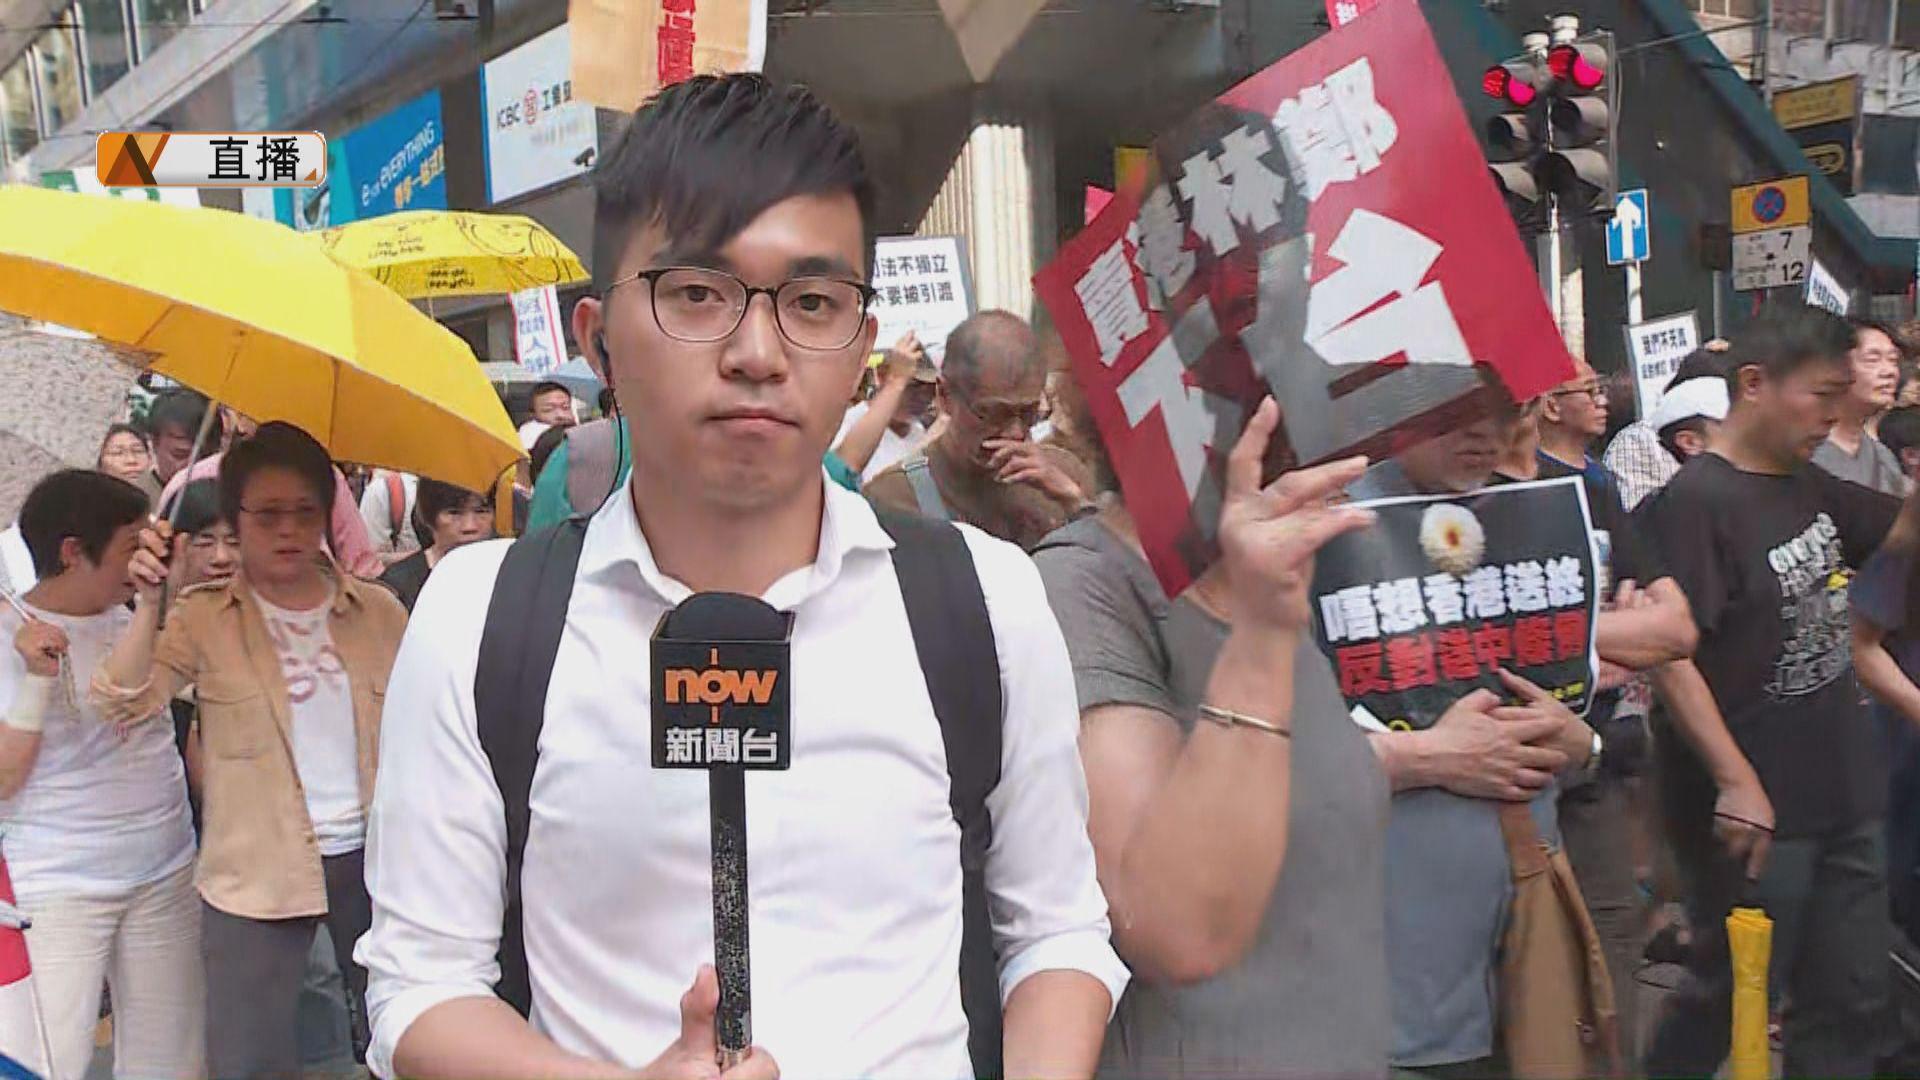 民陣發起遊行反對修訂逃犯條例